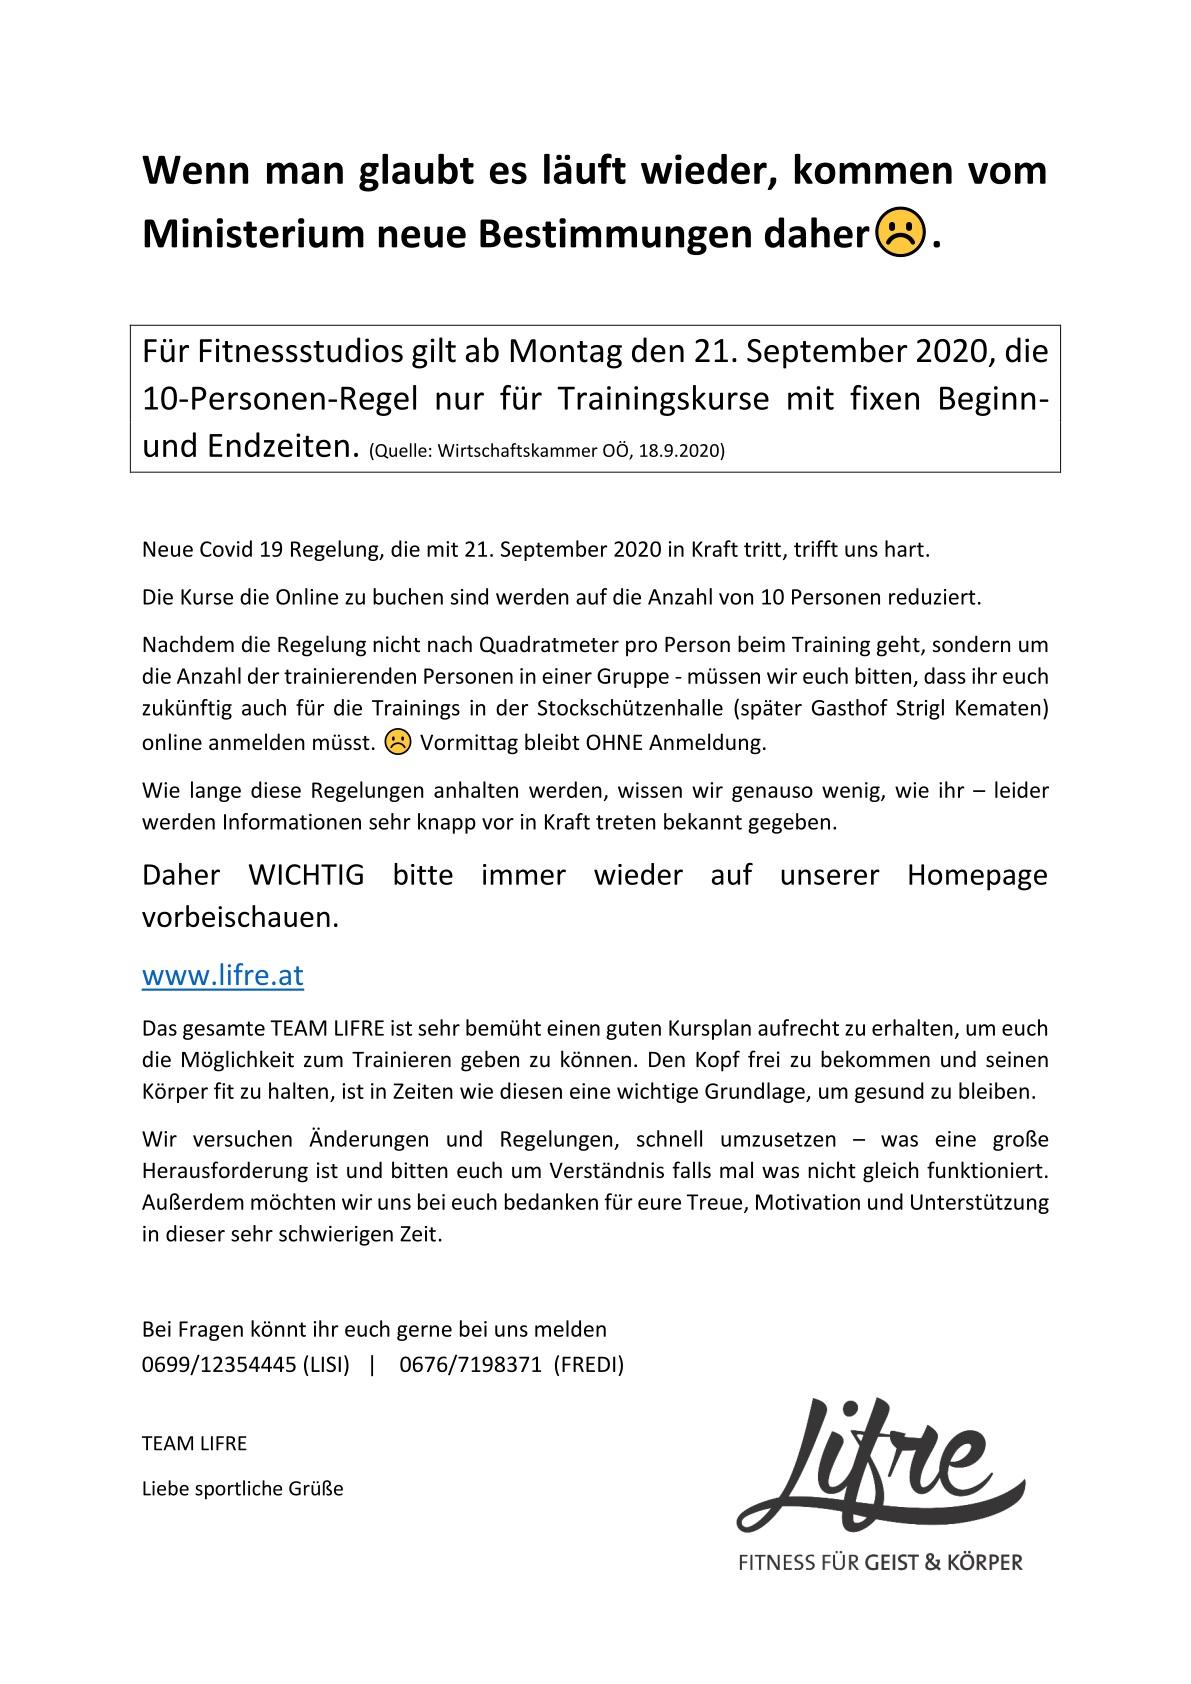 Neuerliche Änderung ab 21.9.2020: 10-Personen-Regel